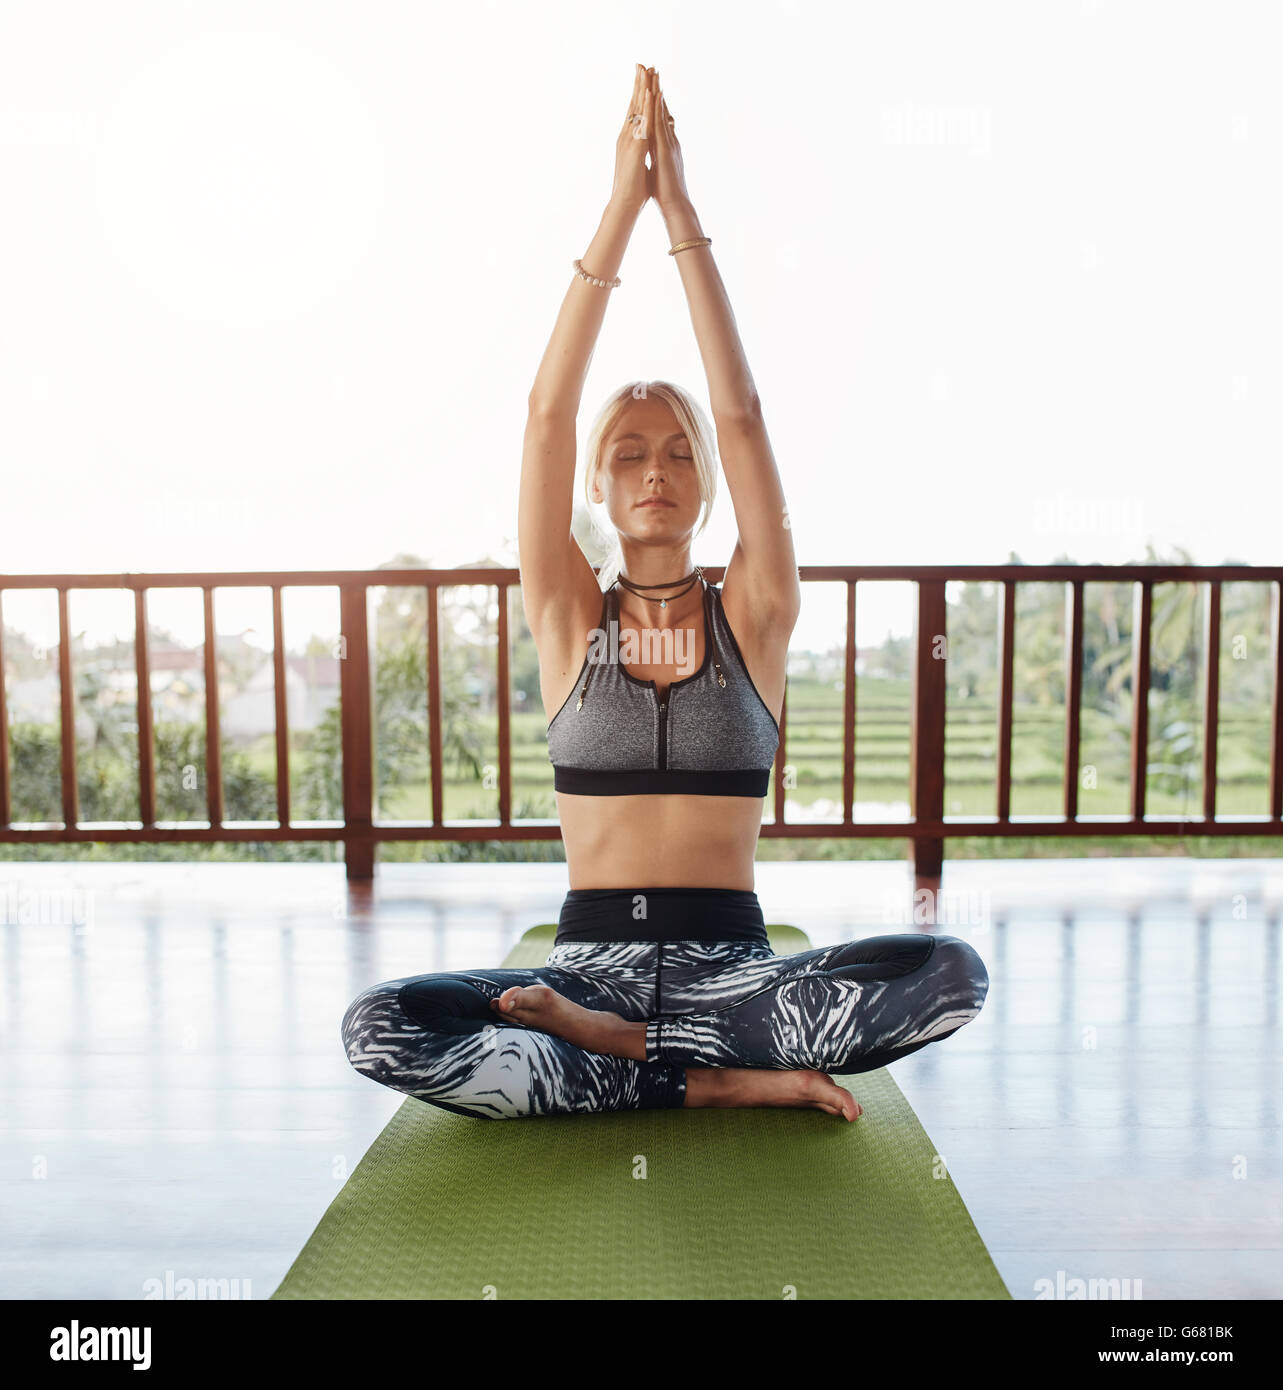 Giovane donna seduta sul pavimento nella posa di yoga con le mani giunte overhead. Fitness modello femmina facendo Immagini Stock